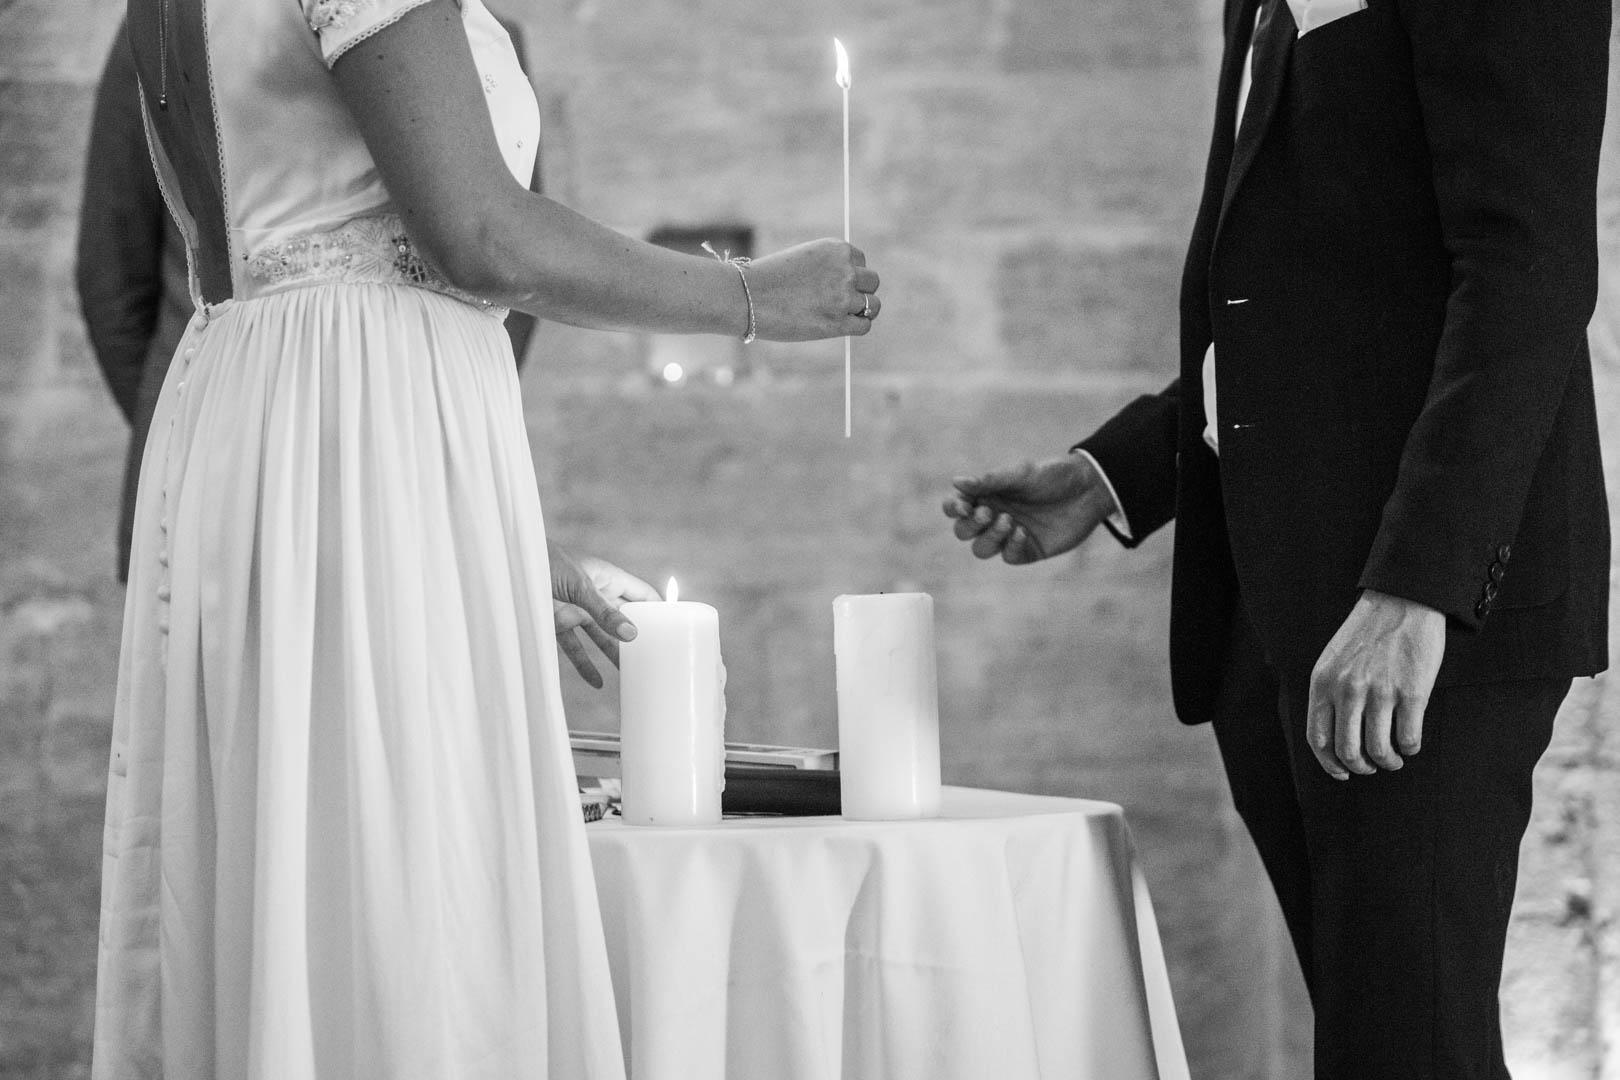 mariage-et-cierge-en-noir-et-blanc